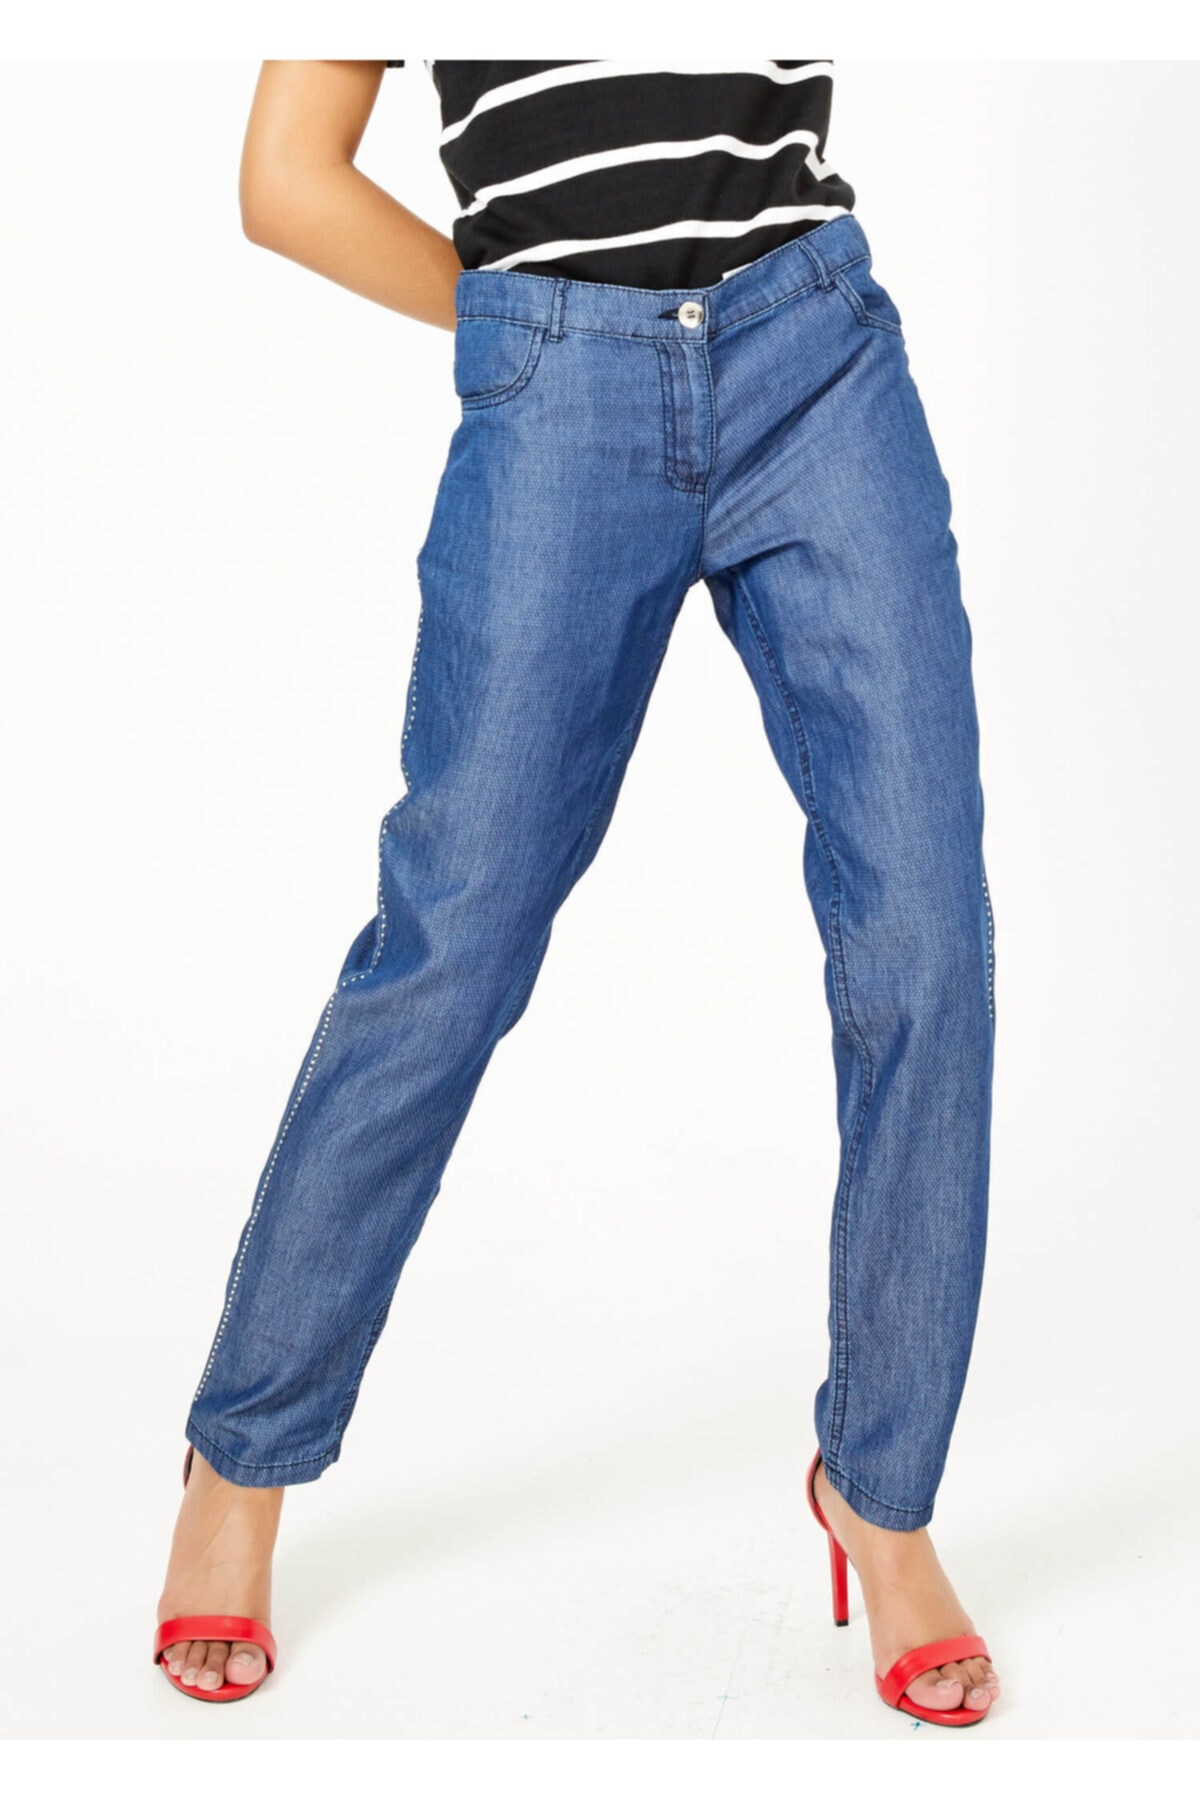 Adze Kadın Indigo Jean Pantalon 1